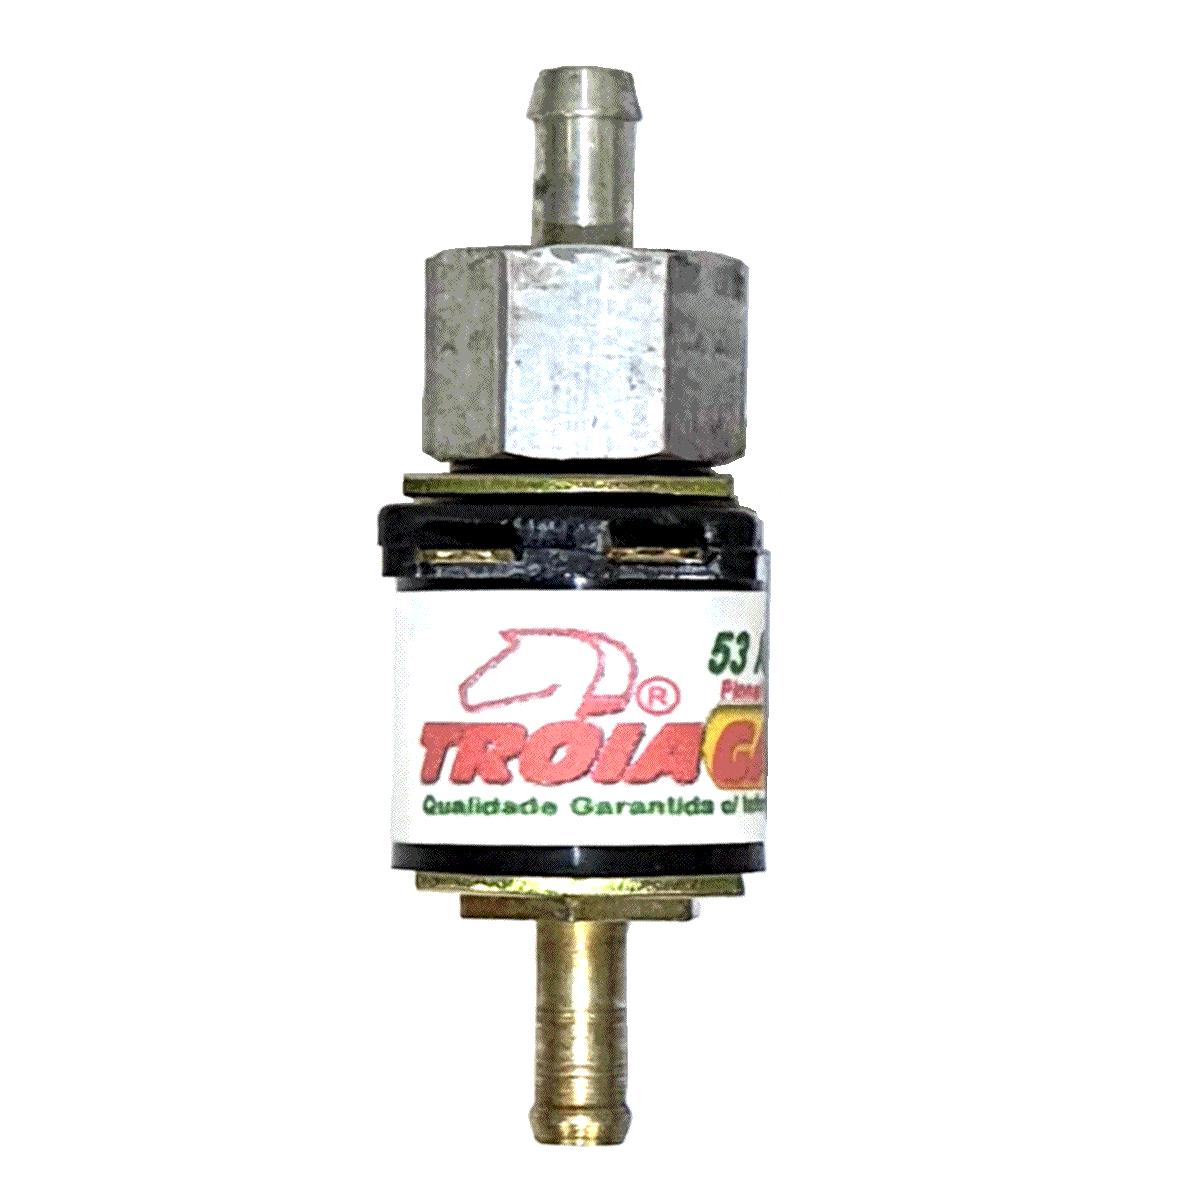 5 Eletroválvulas de Corte de Líquido p/Kit GNV Carburados